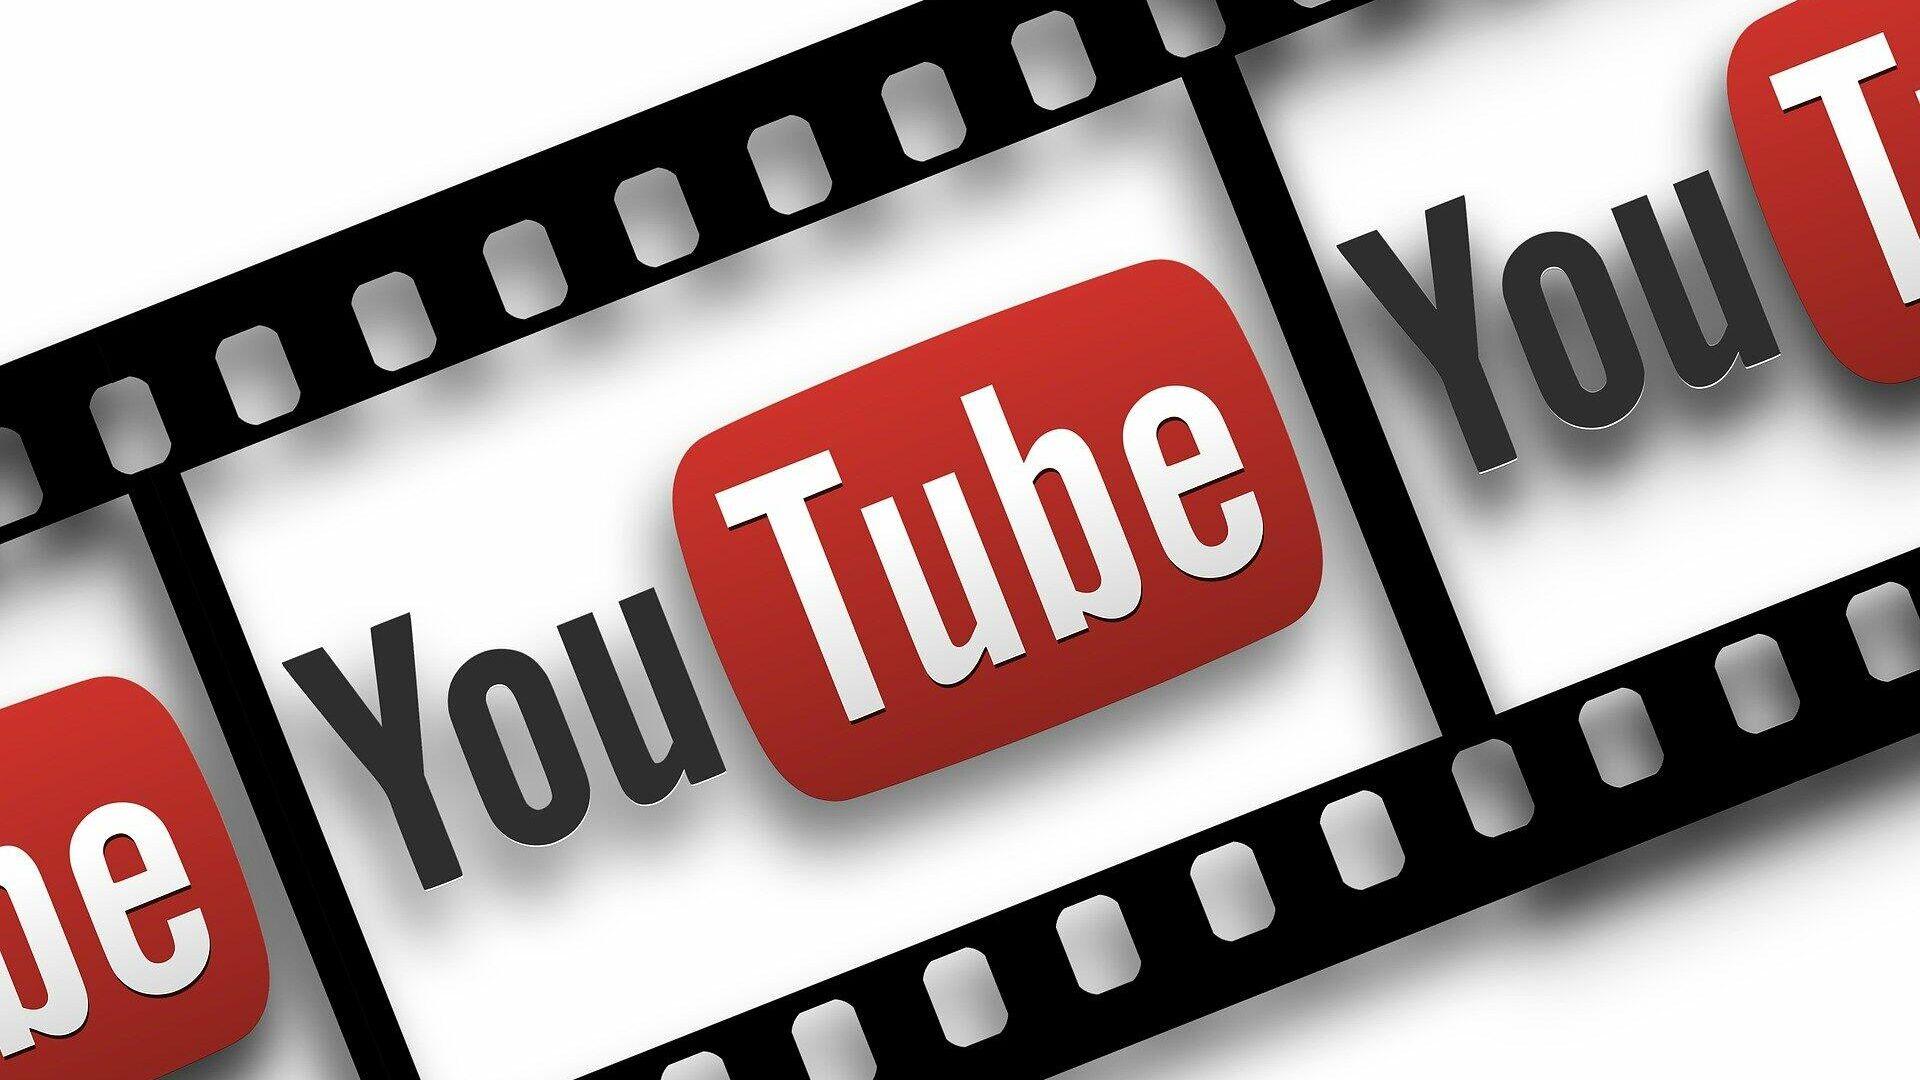 La protección de los derechos de autor en las plataformas digitales - Sputnik Mundo, 1920, 09.06.2021